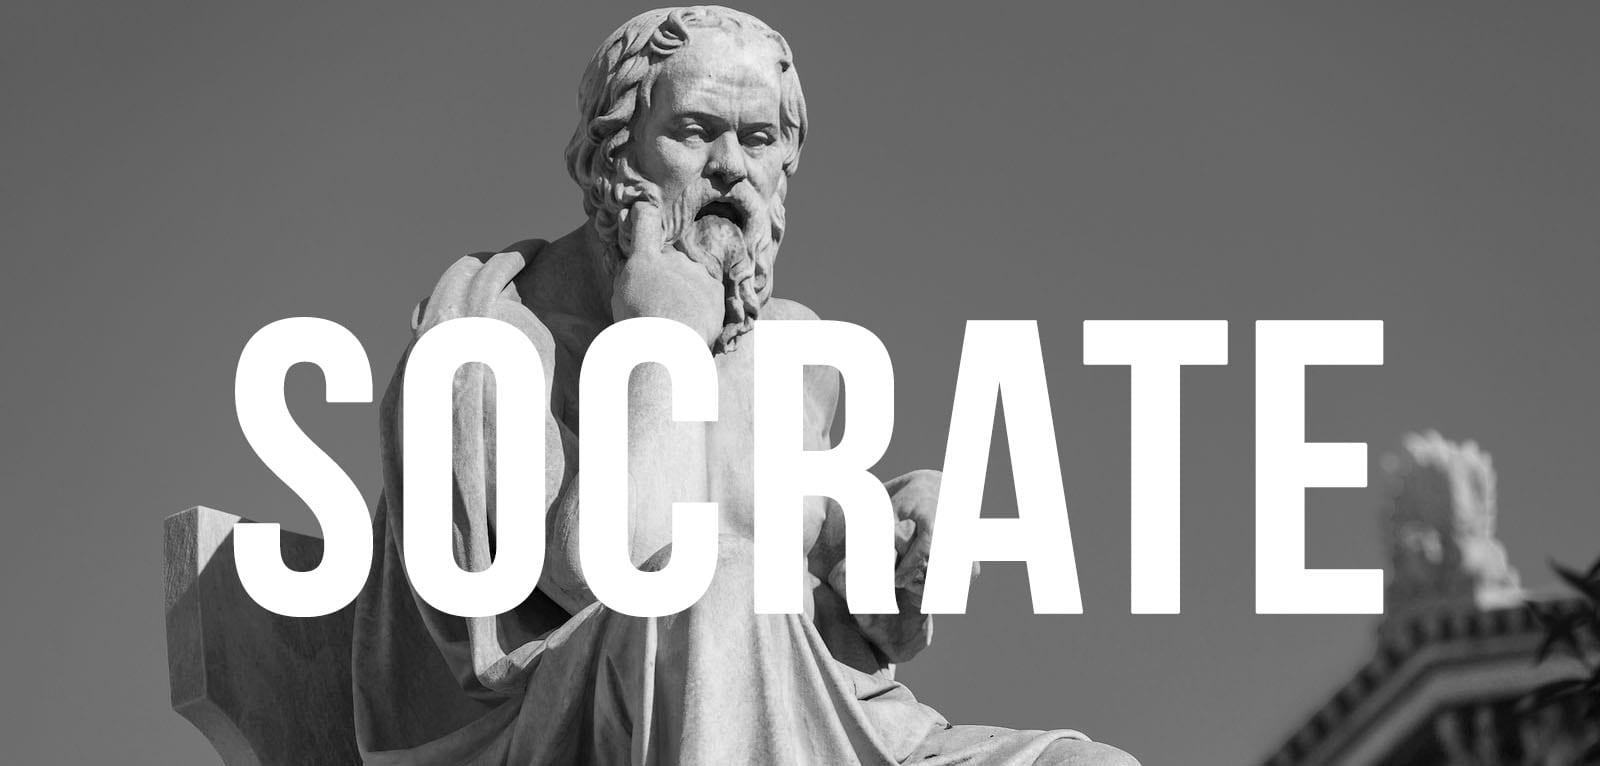 20 Citations de Socrate sur la Vie Pour Tout Remettre en Perspective